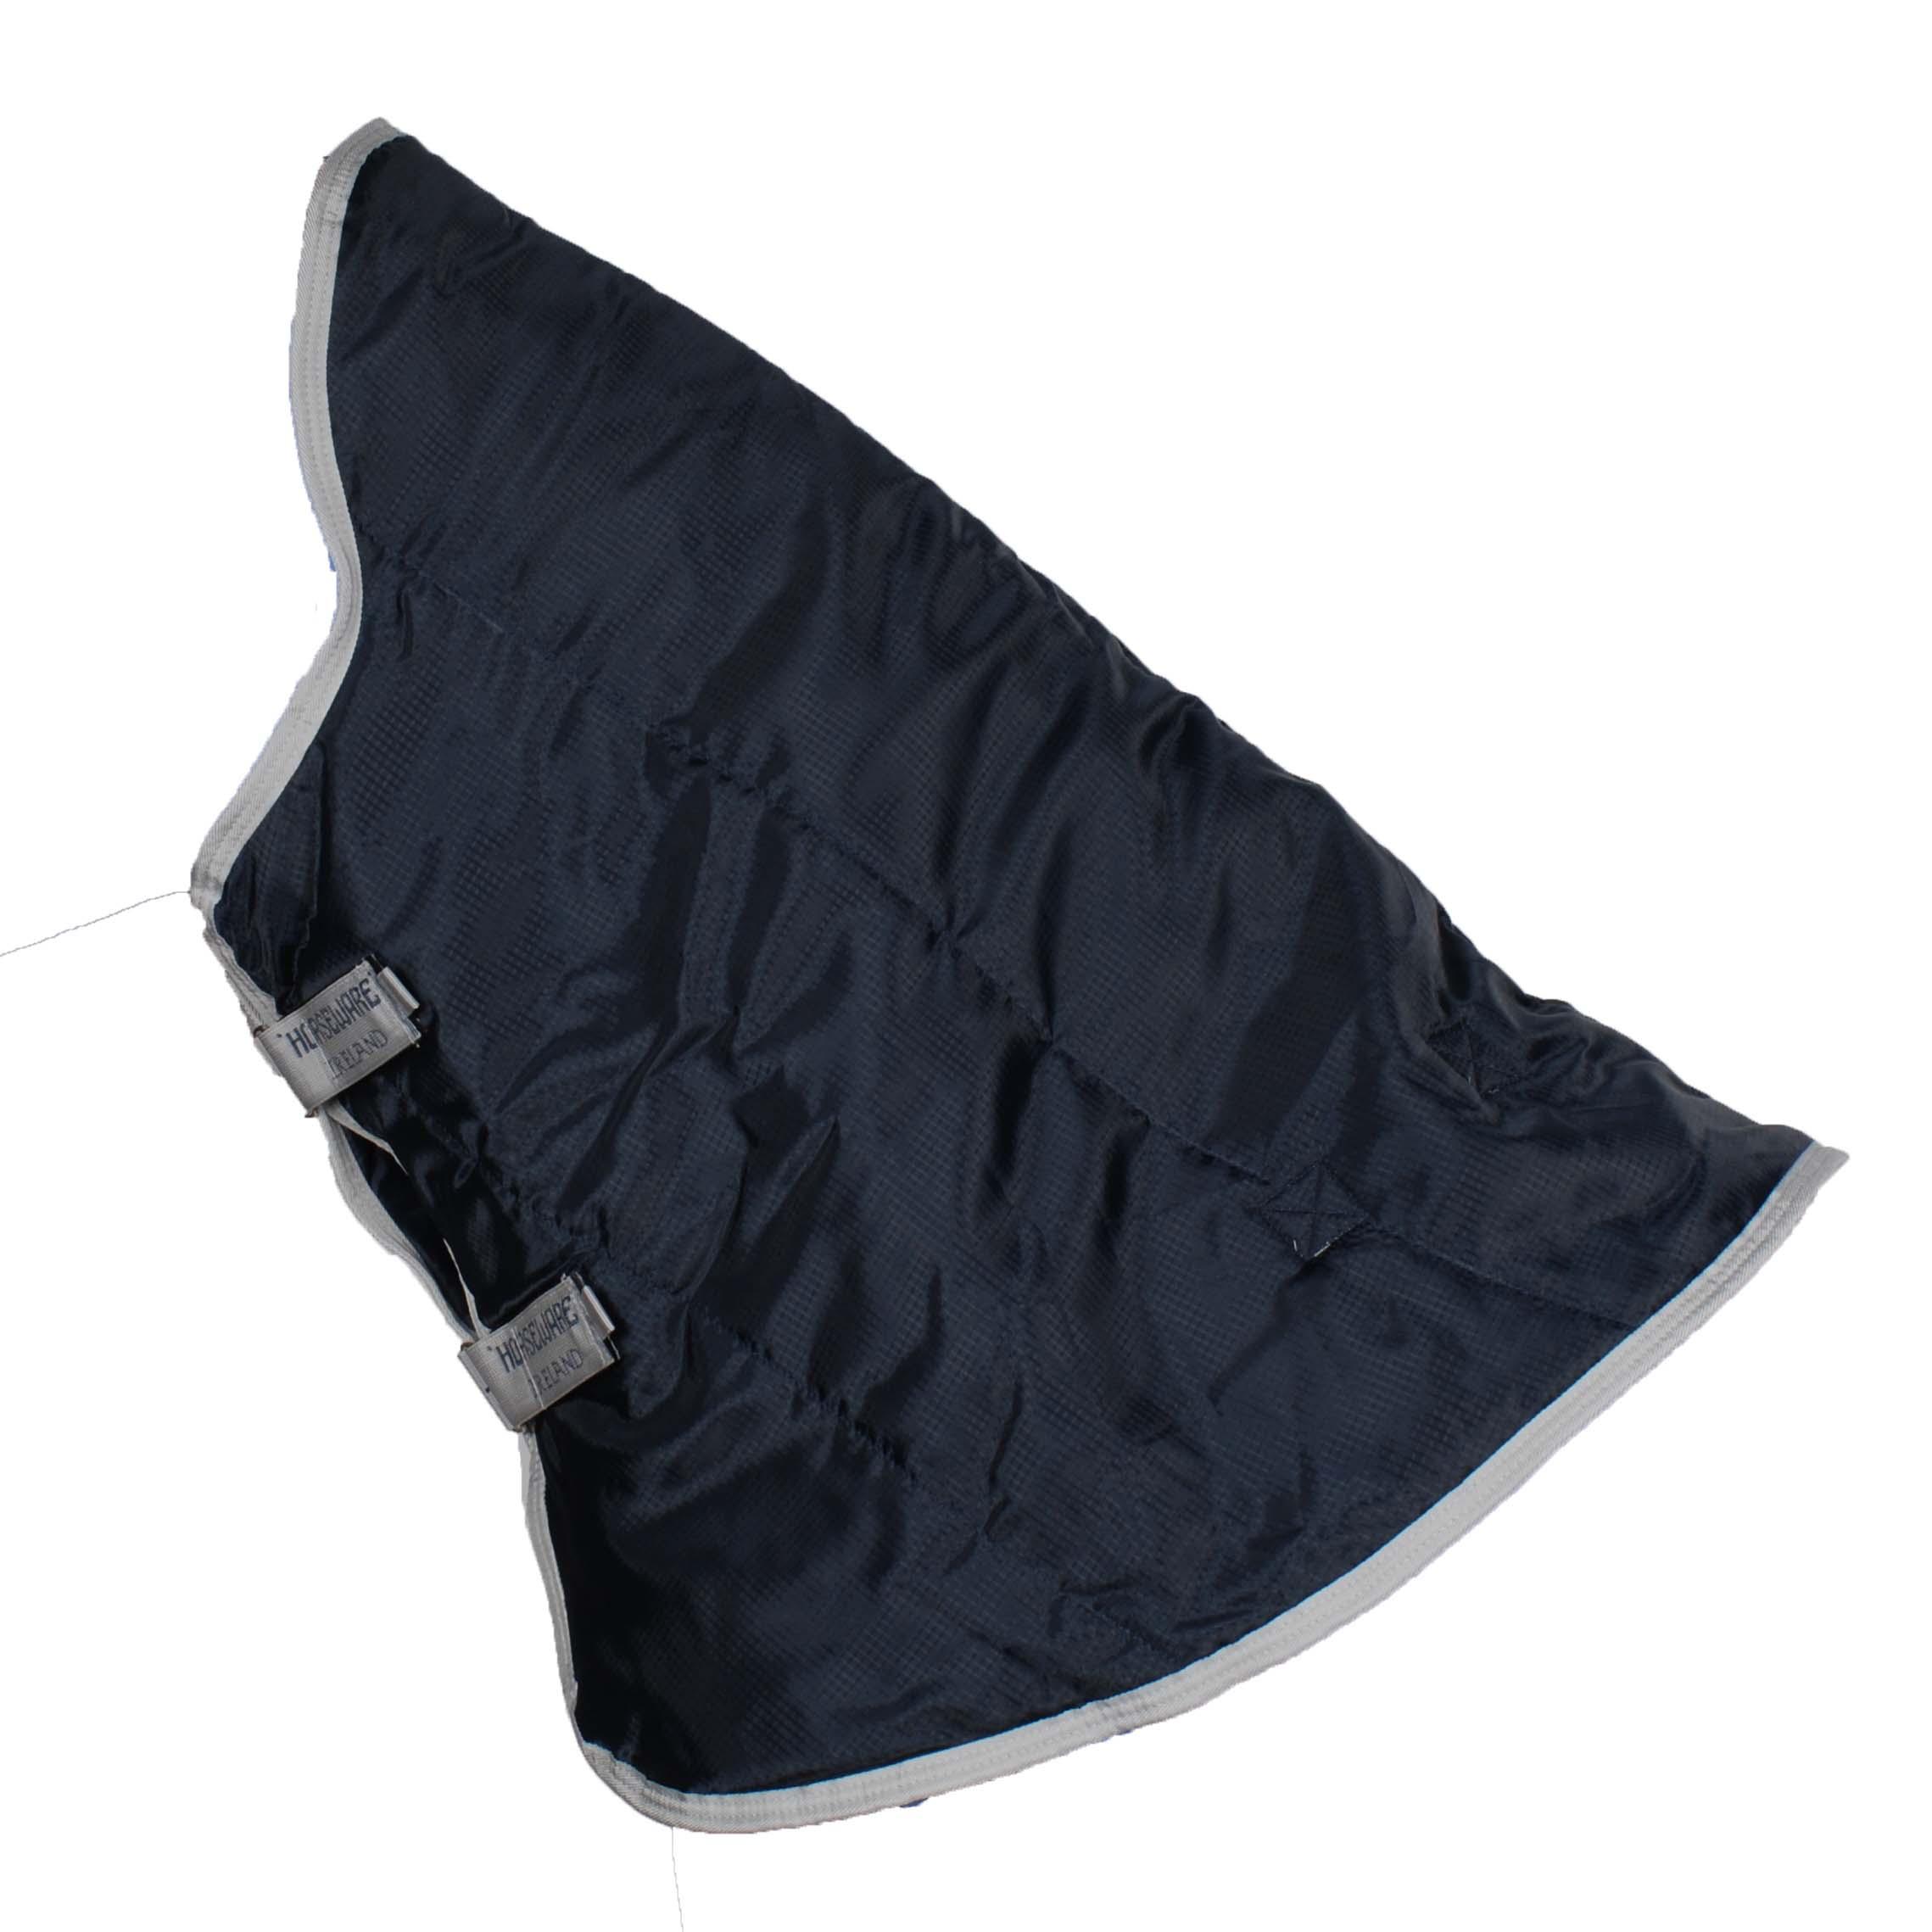 Amigo Insulator 150gr halsdeken donkerblauw maat:l